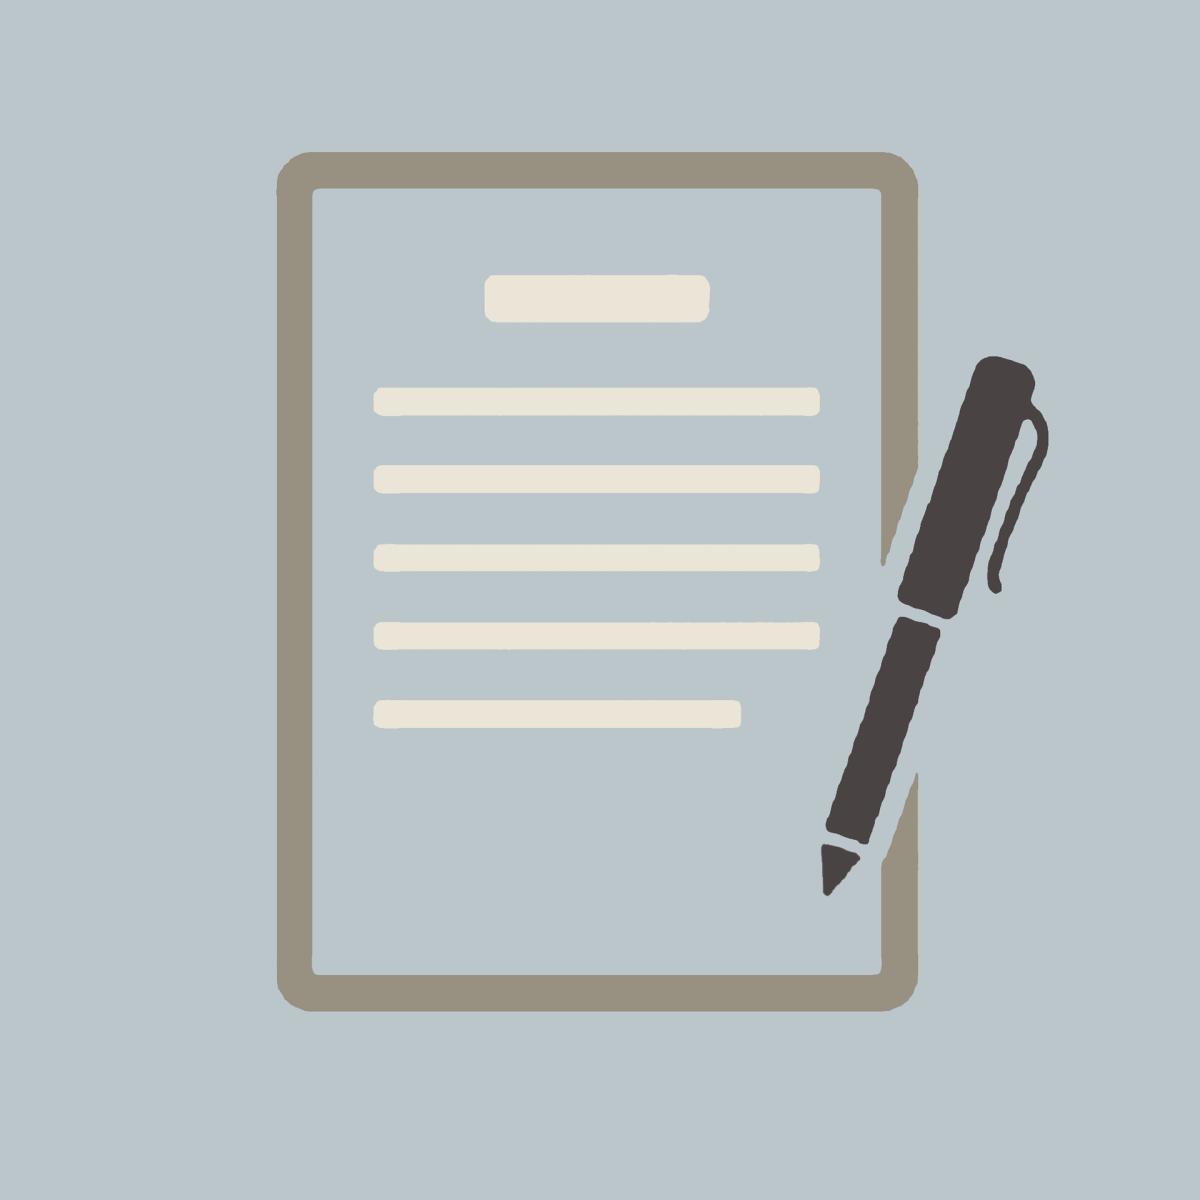 pen-writing-icon